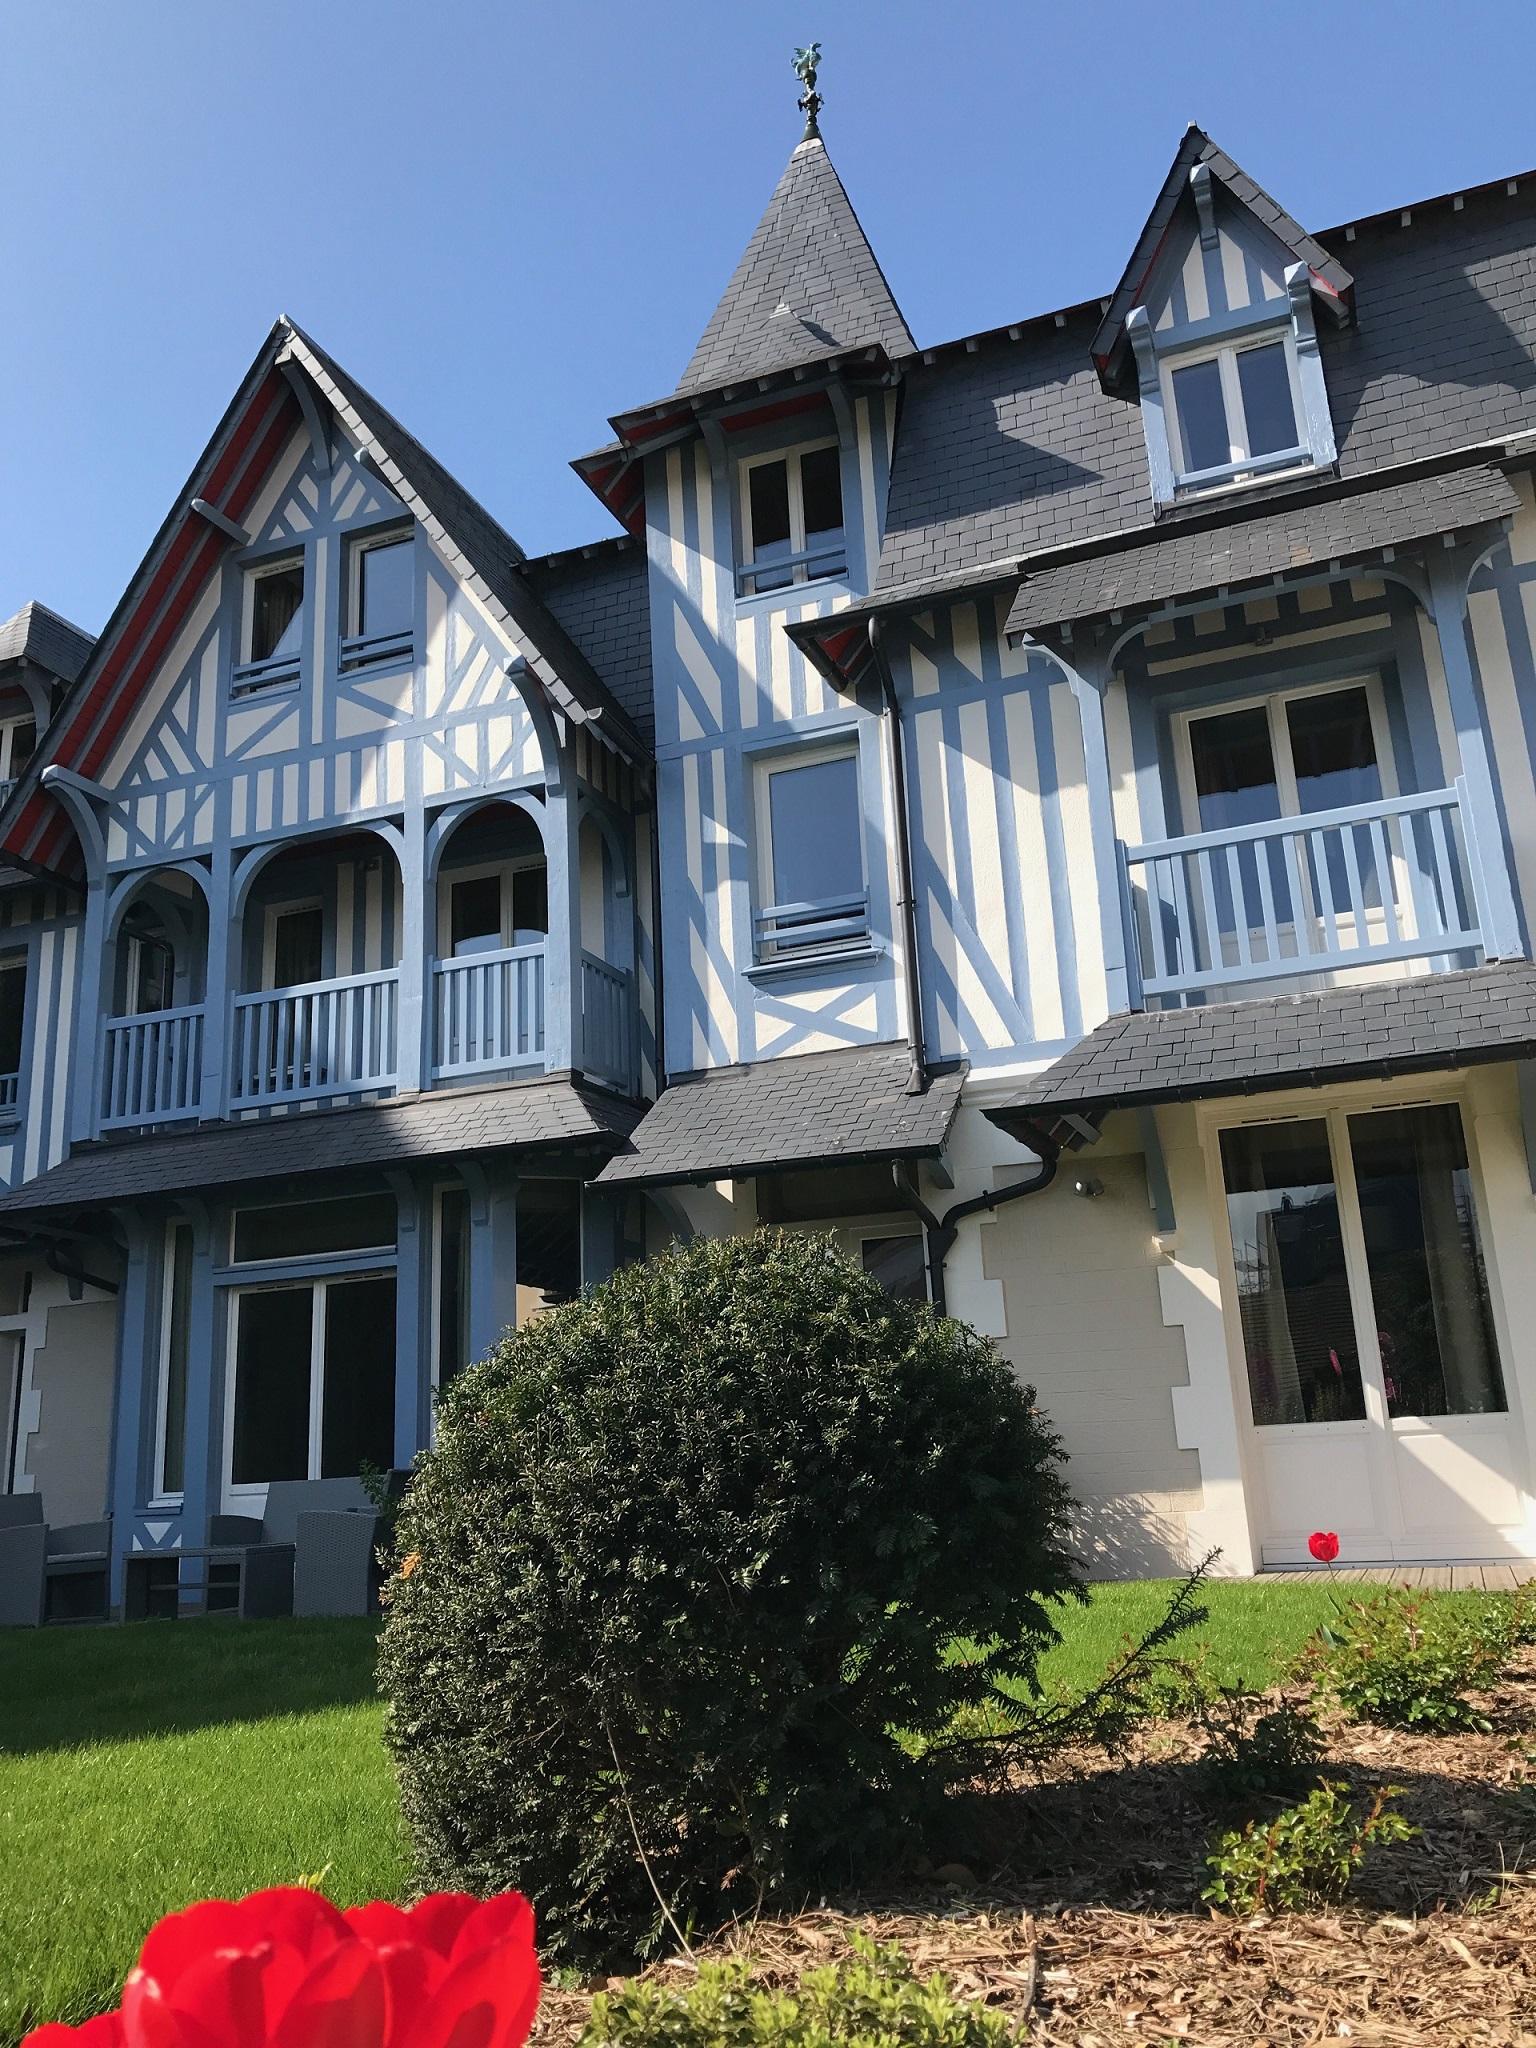 Villa odette à Deauville